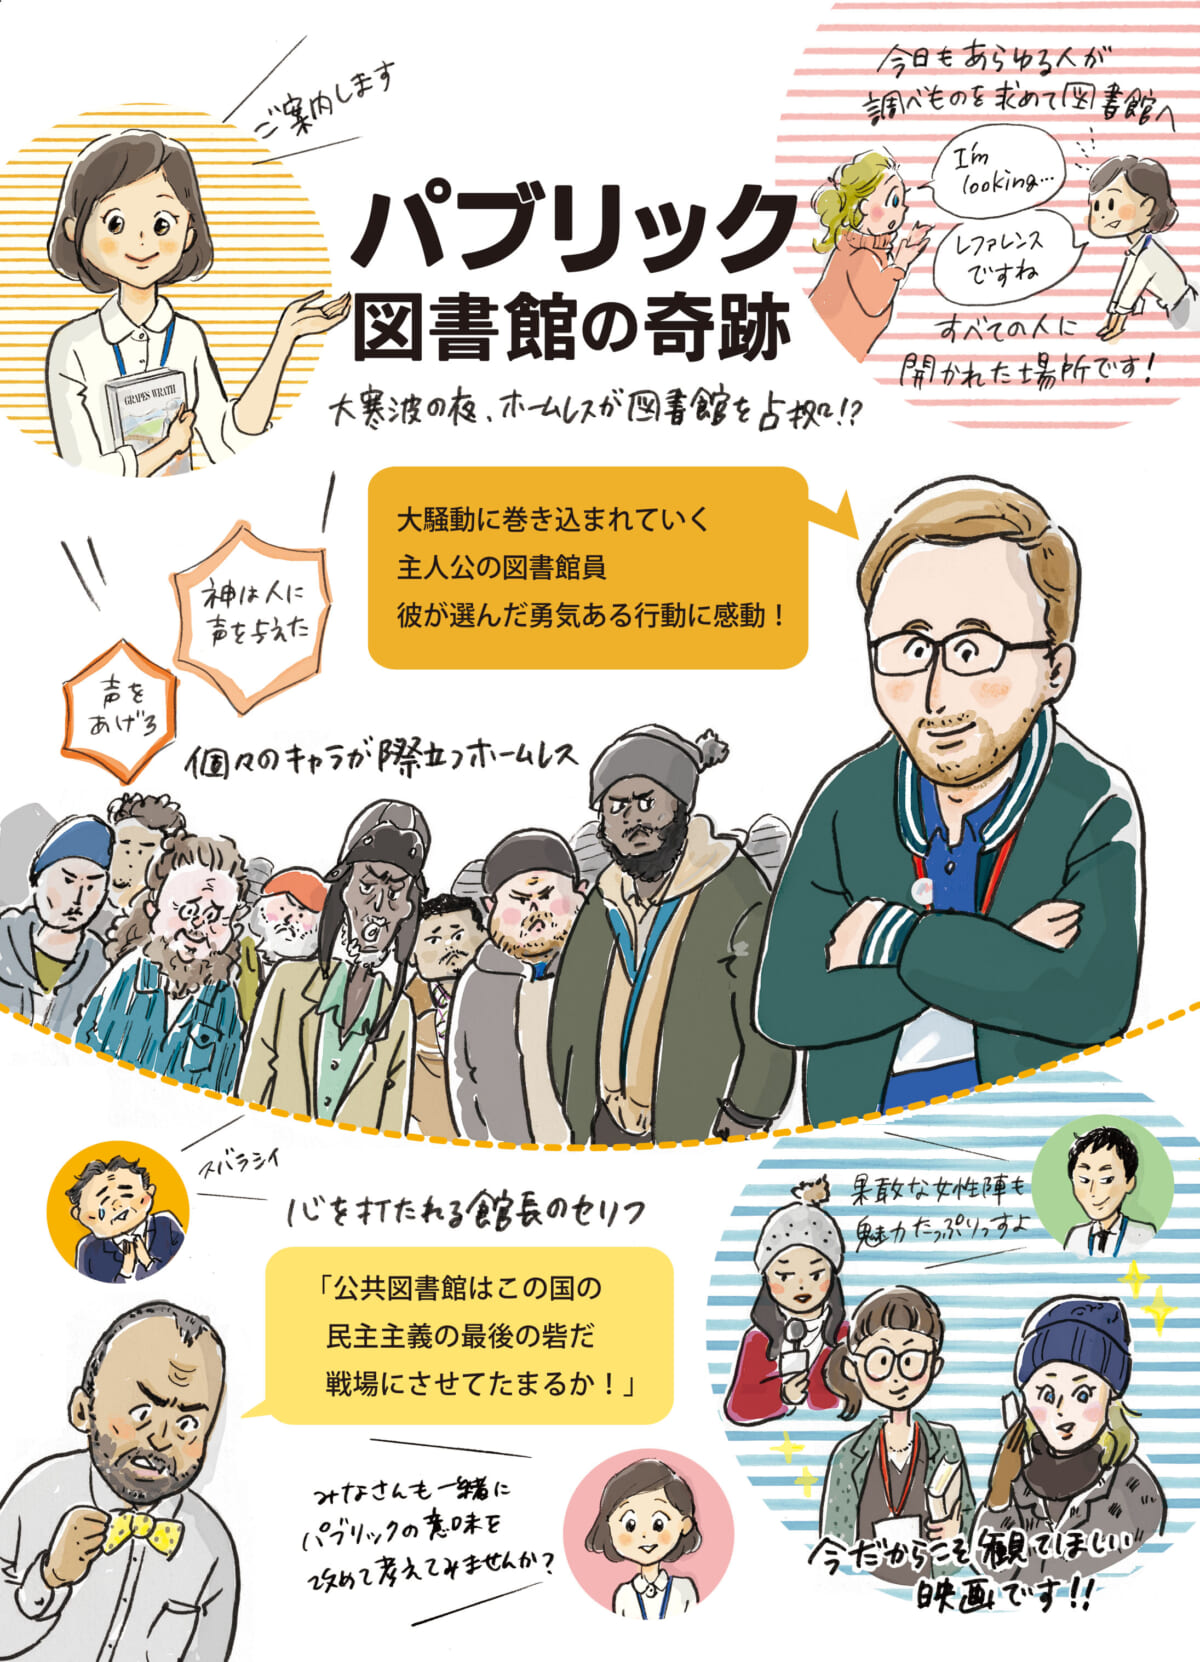 「パブリック 図書館の奇跡」新映像公開 『夜明けの図書館』作者・埜納タオの描き下ろしイラストも到着